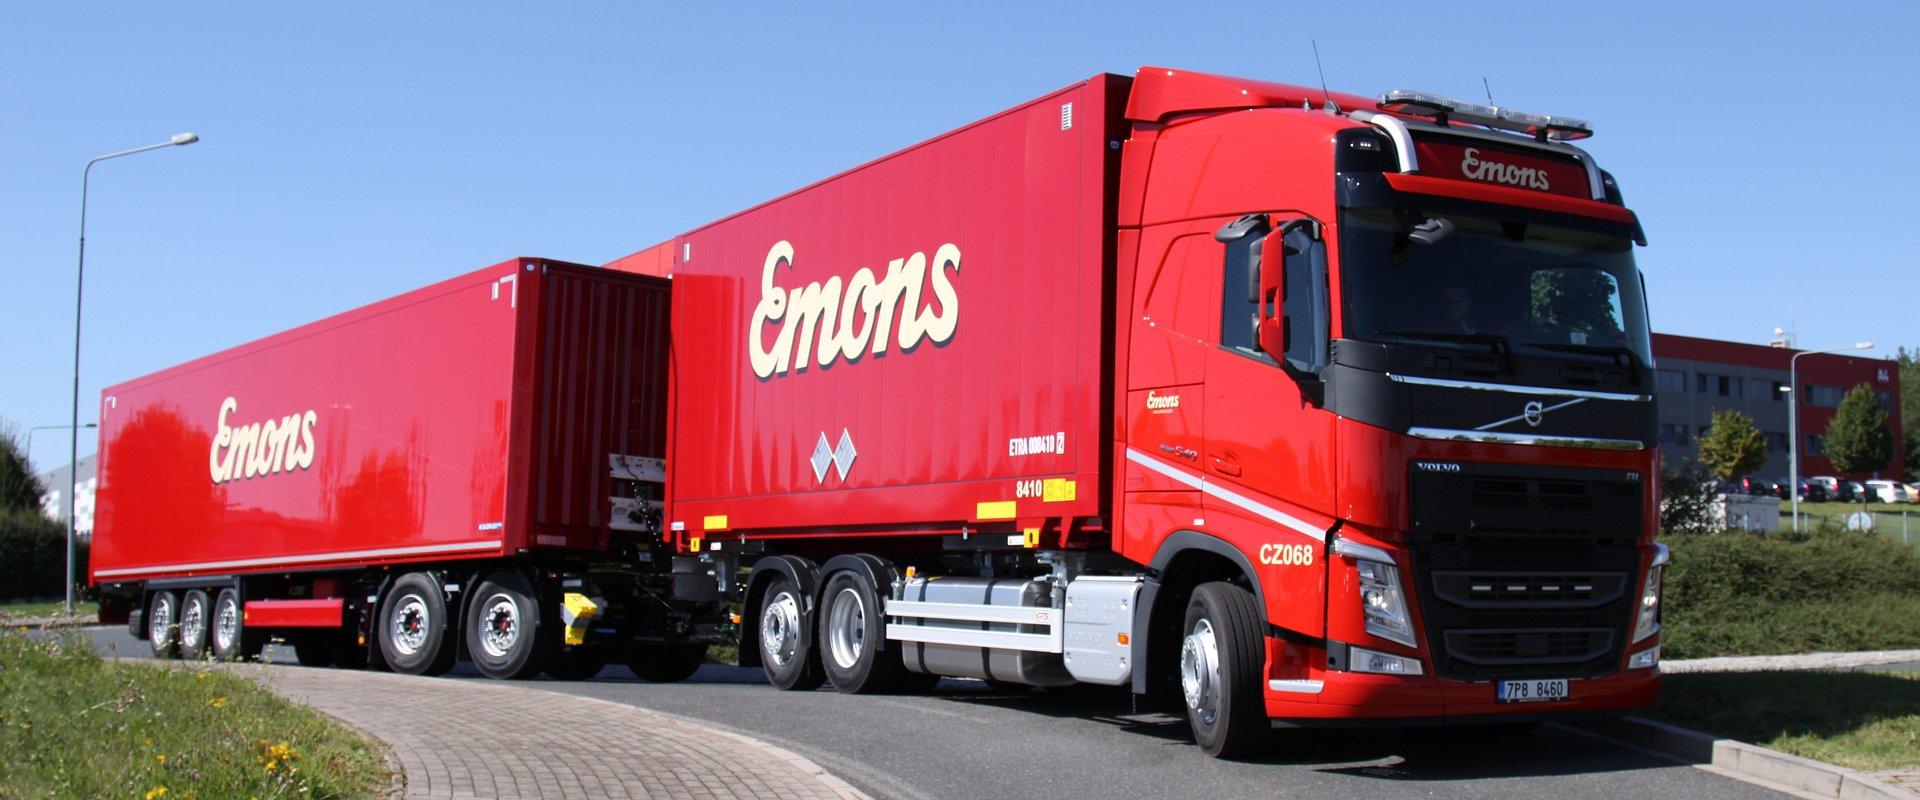 Zajistili jsme 10 000 m2 skladových ploch pro EMONS!